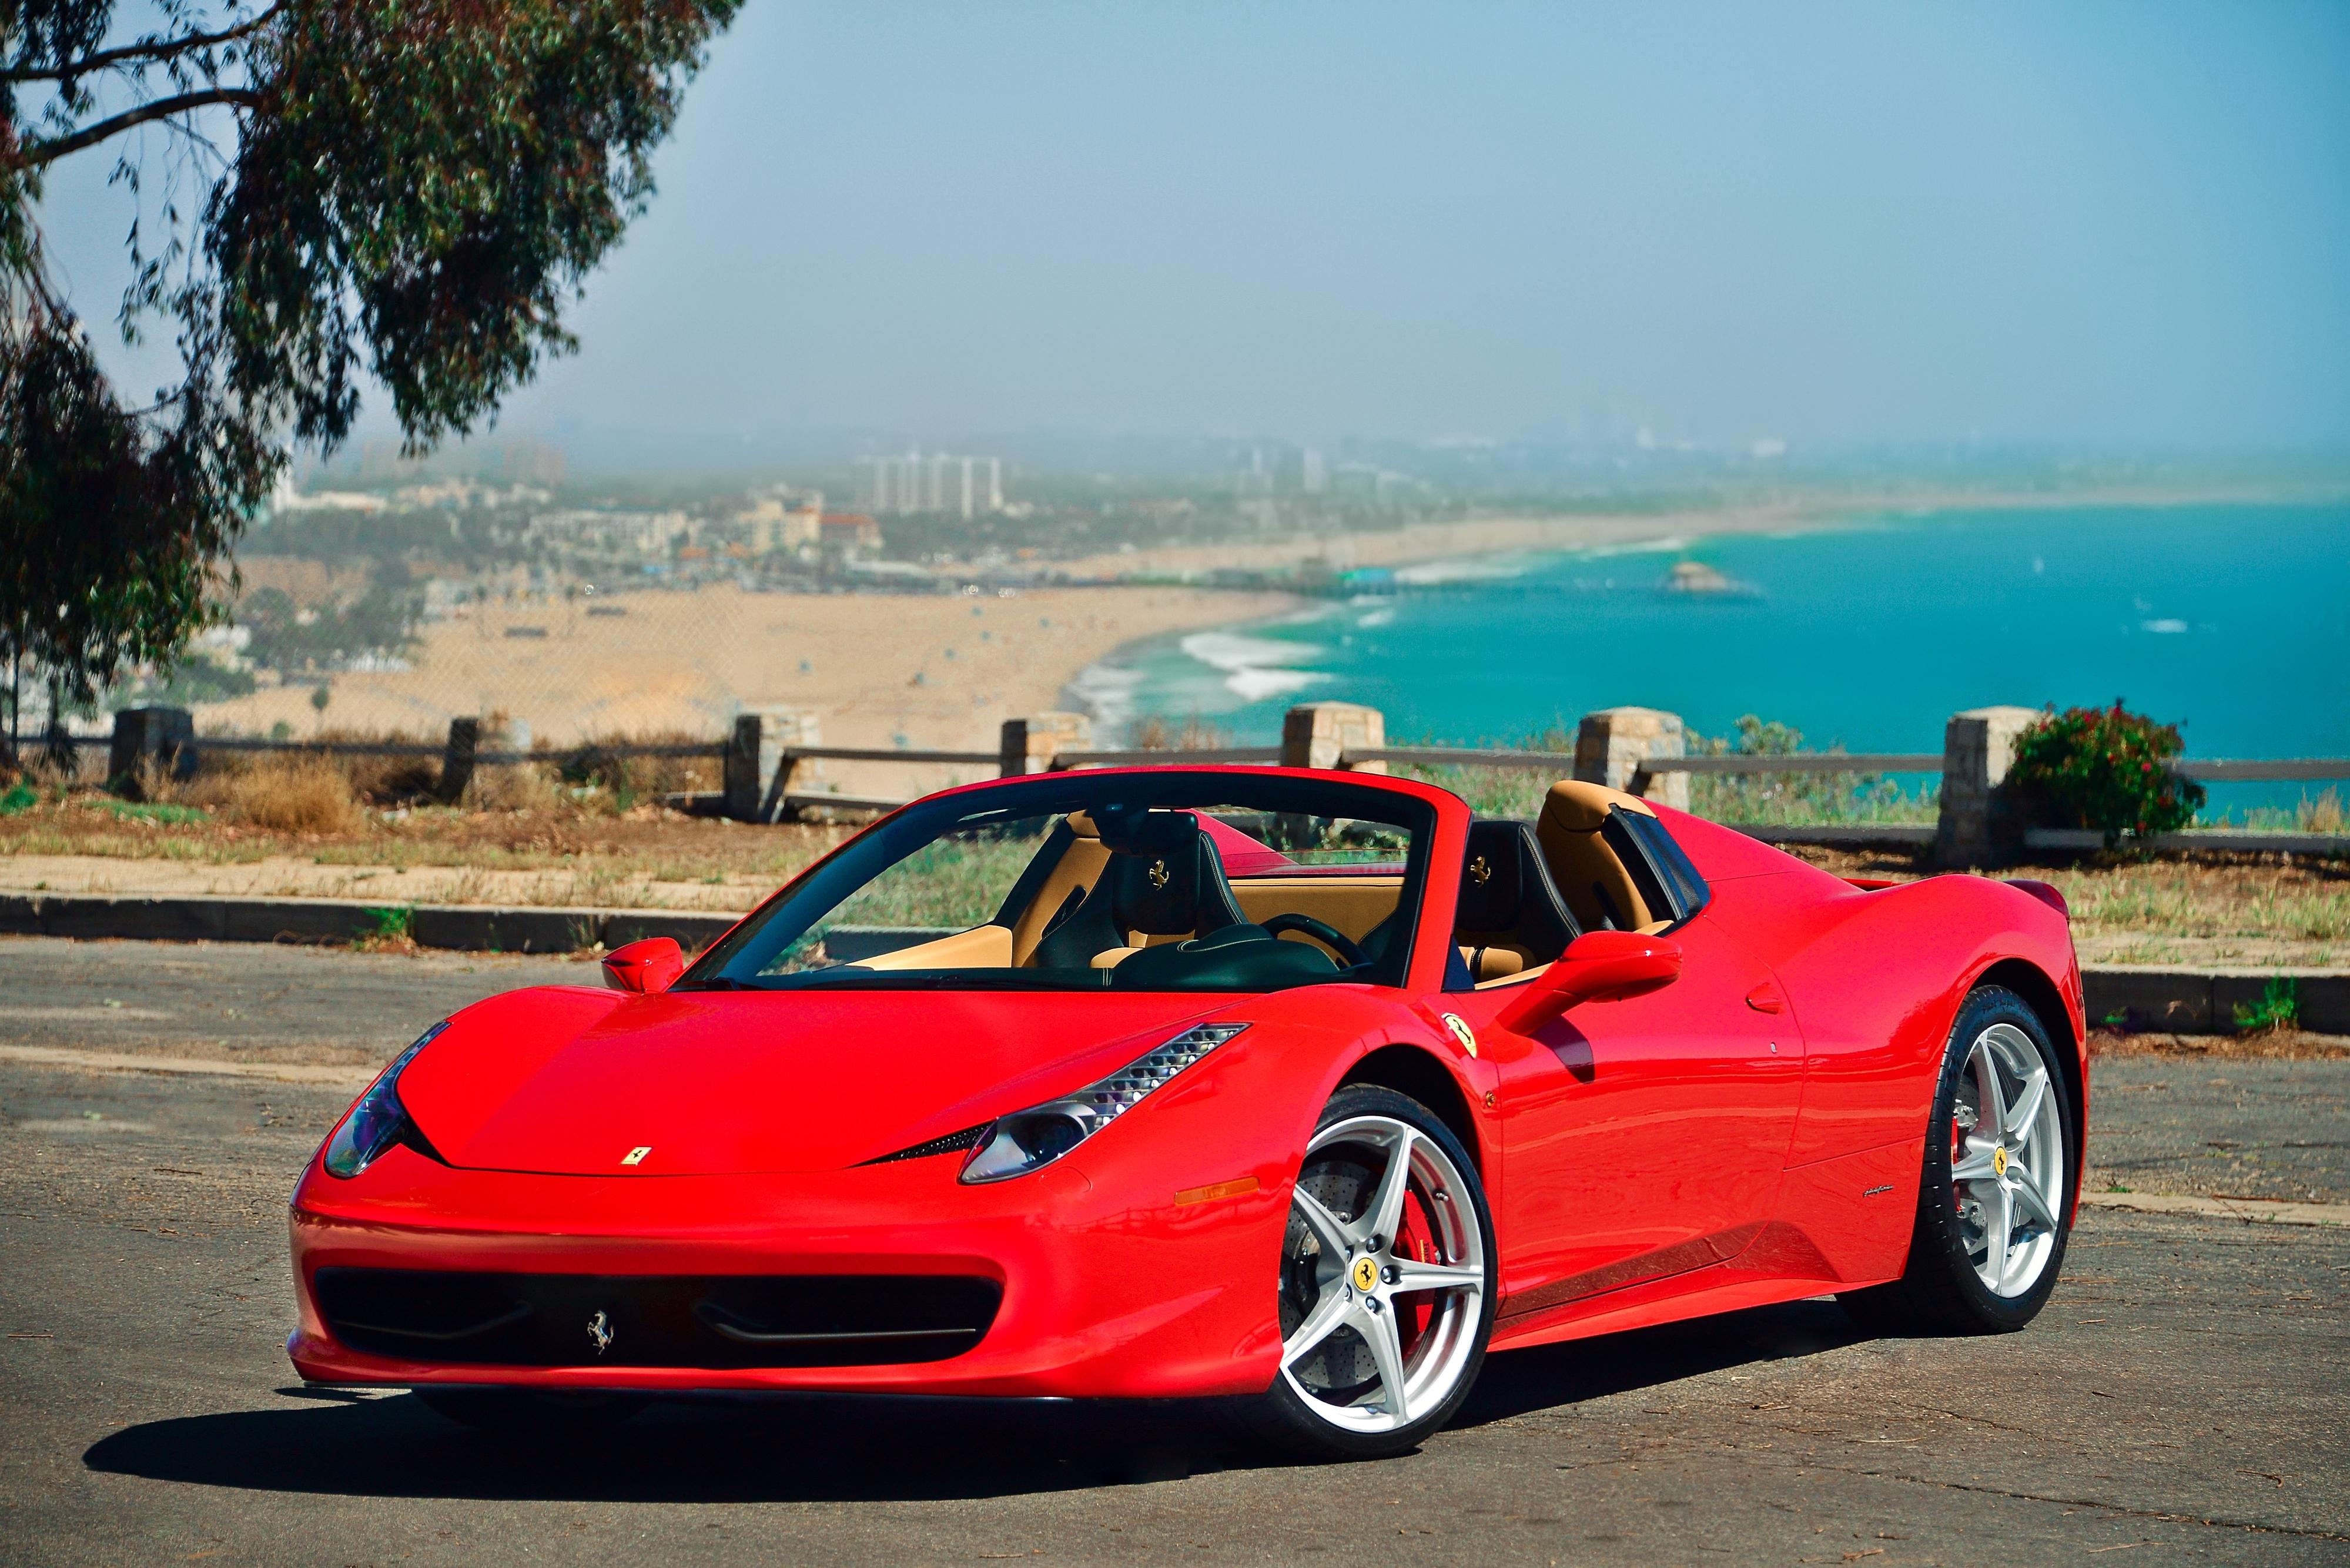 Rent Car Ferrari Miami Beach